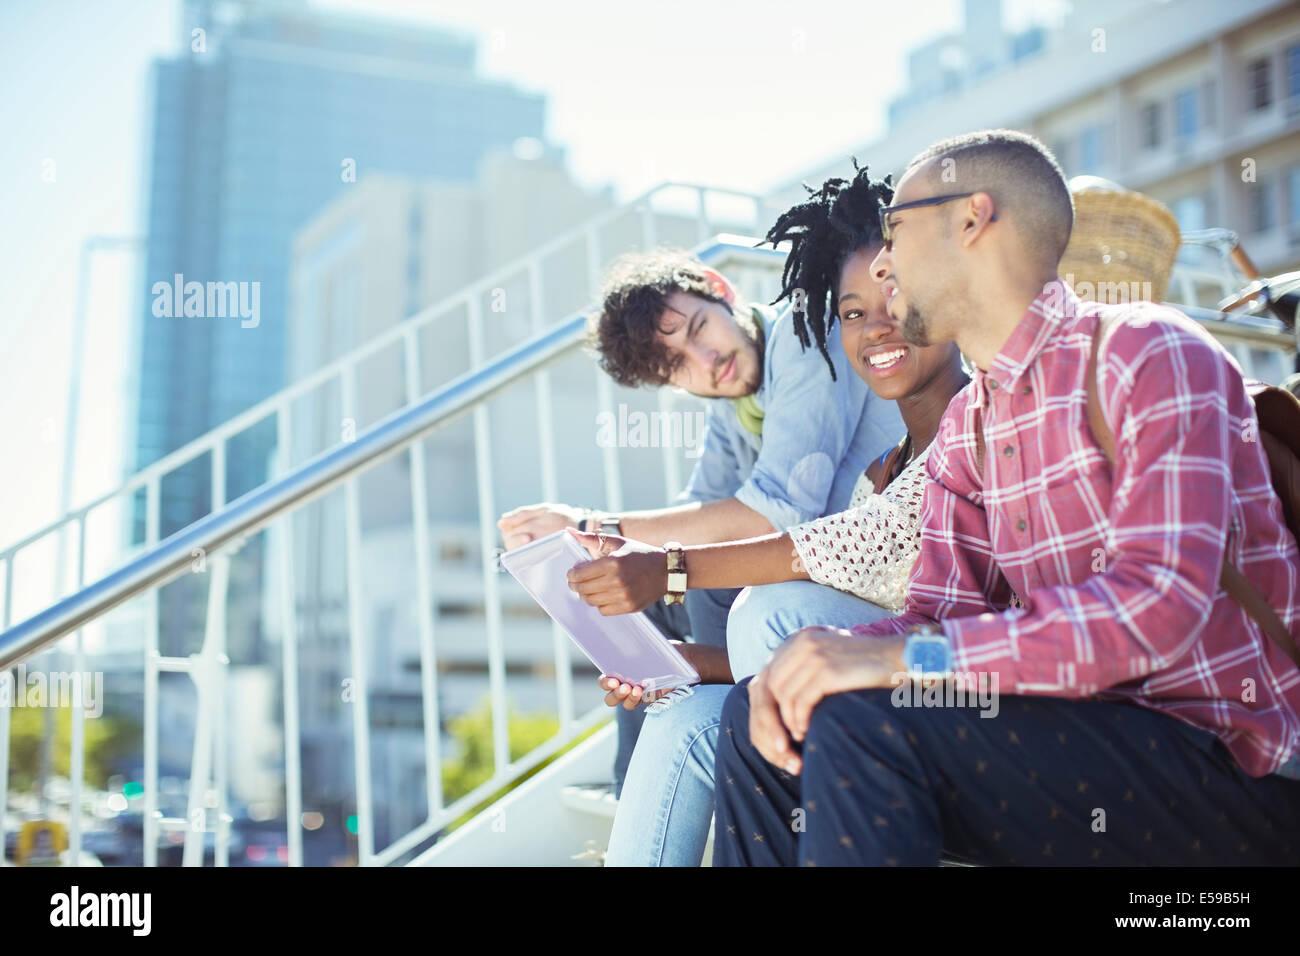 Amigos sentado en ciudad pasos Imagen De Stock